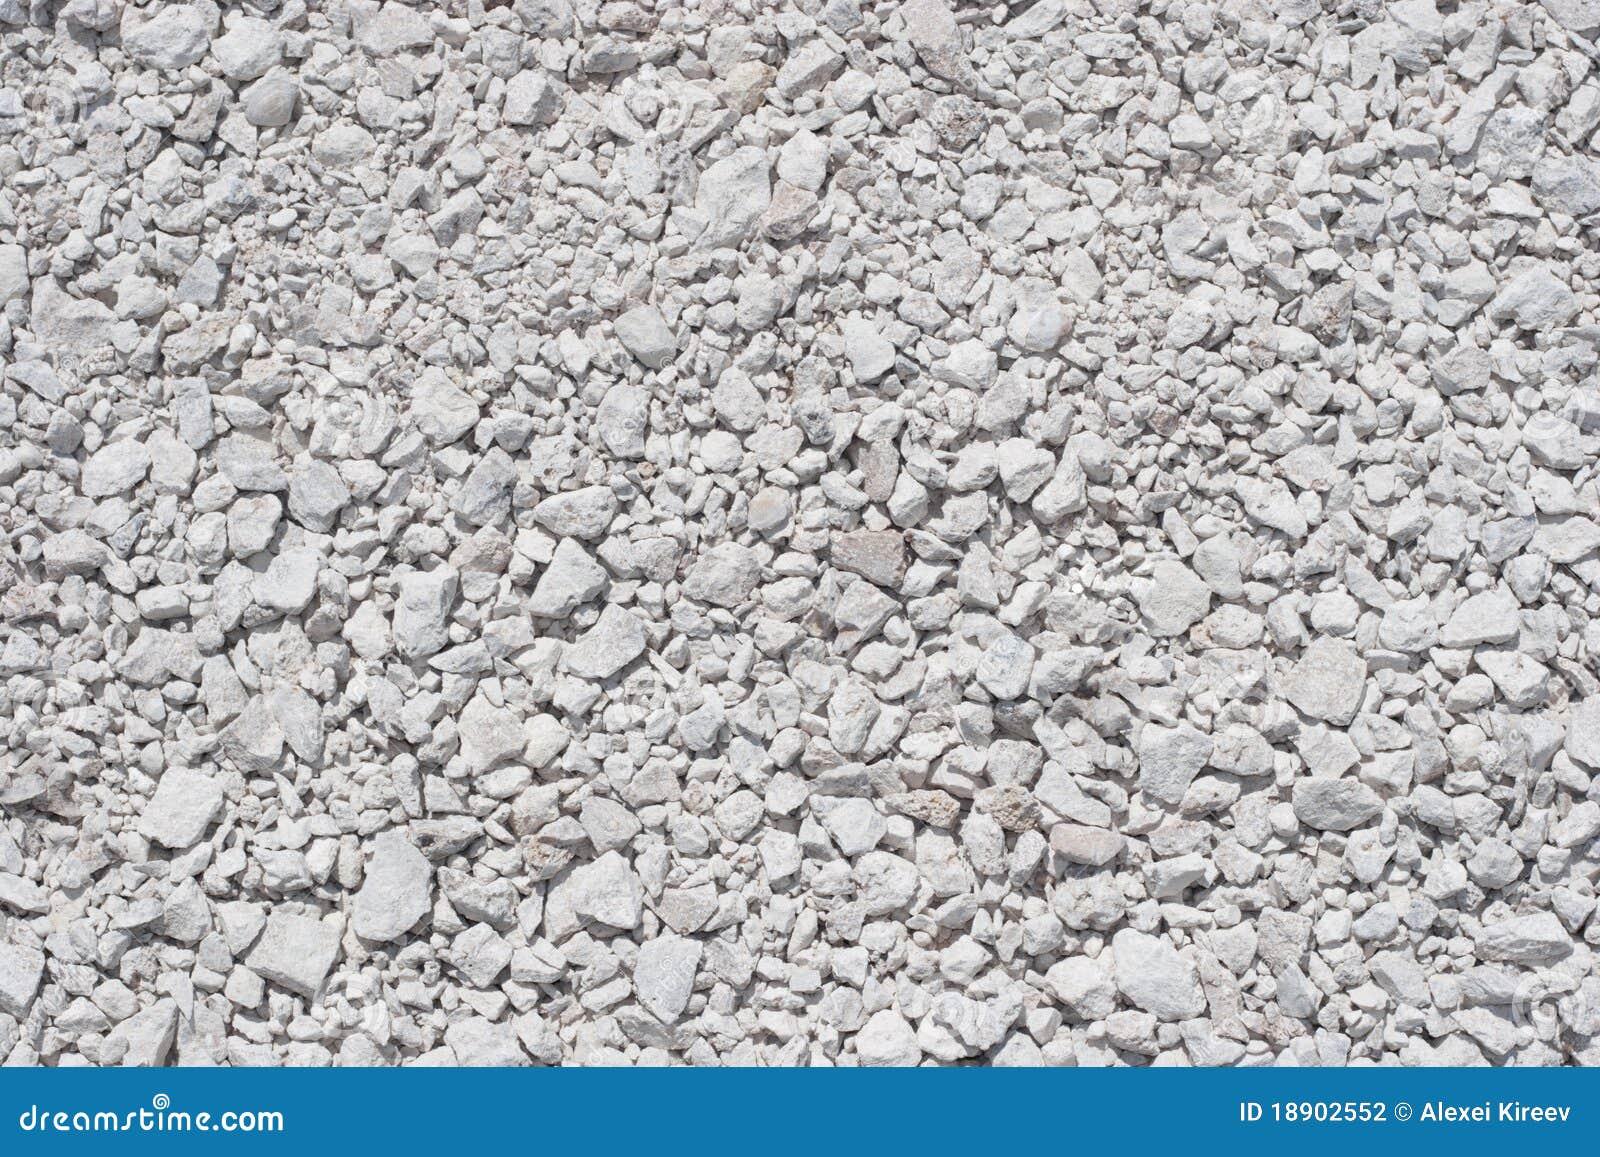 Texture de gravier photo stock. Image du roche, texture - 18902552